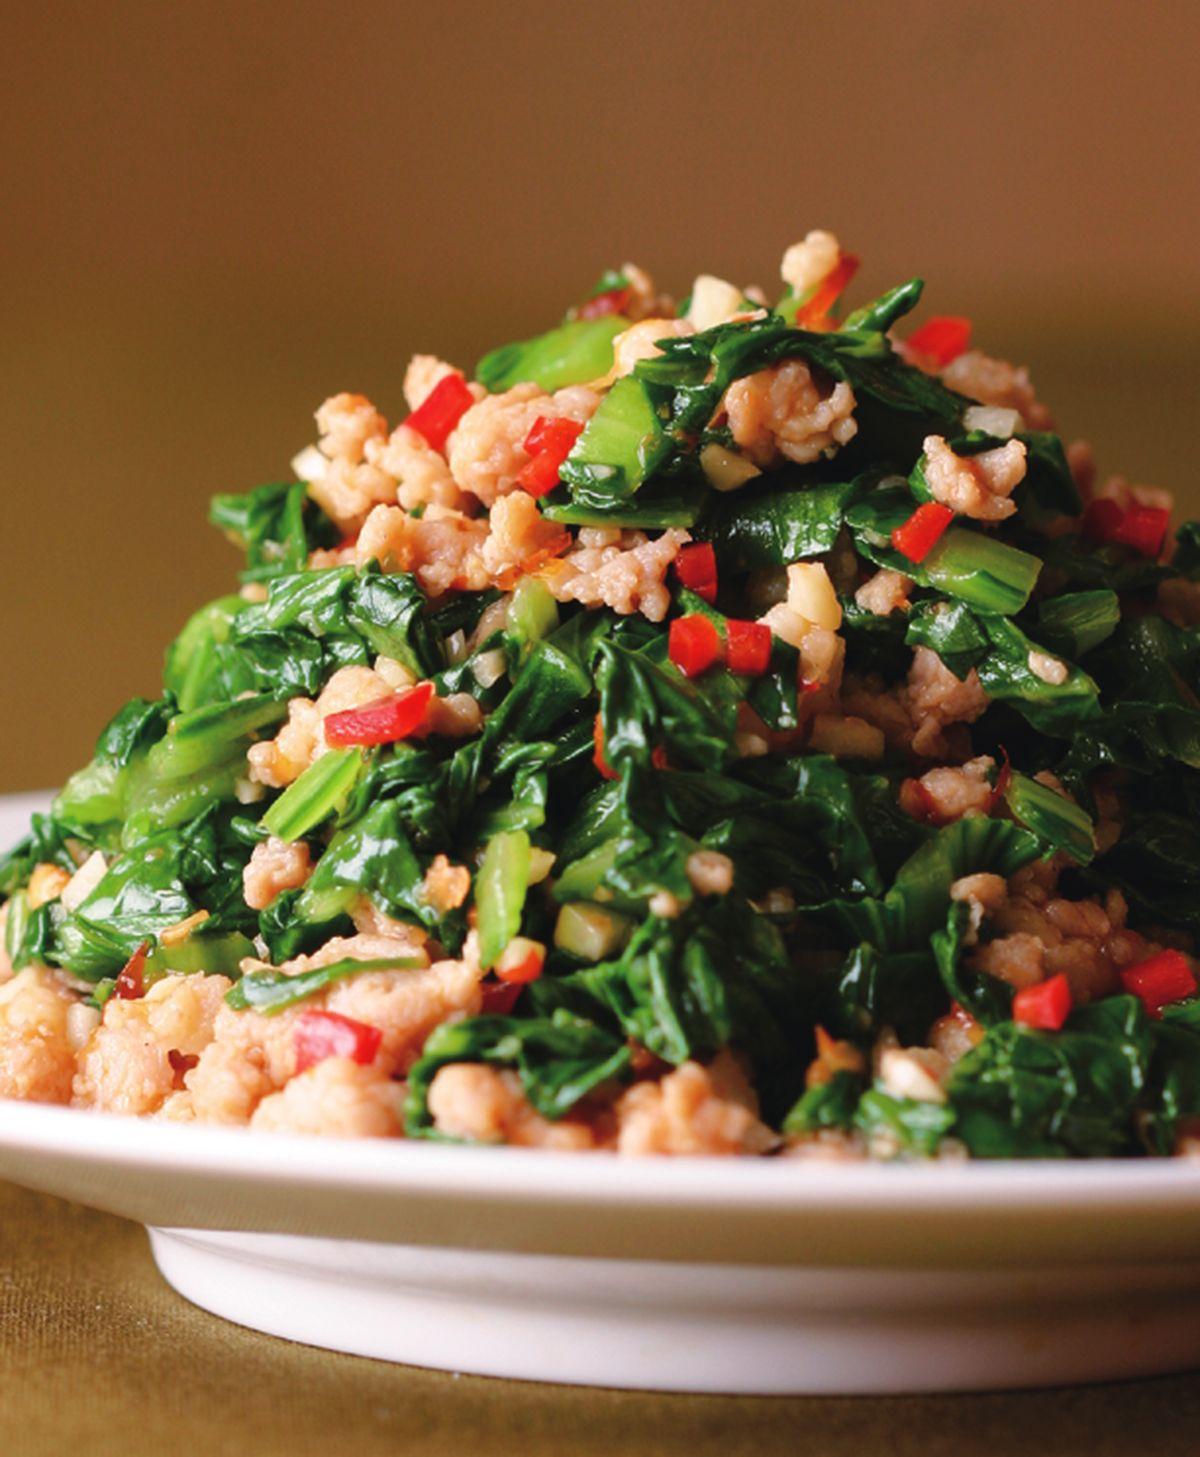 食譜:青江菜炒肉末